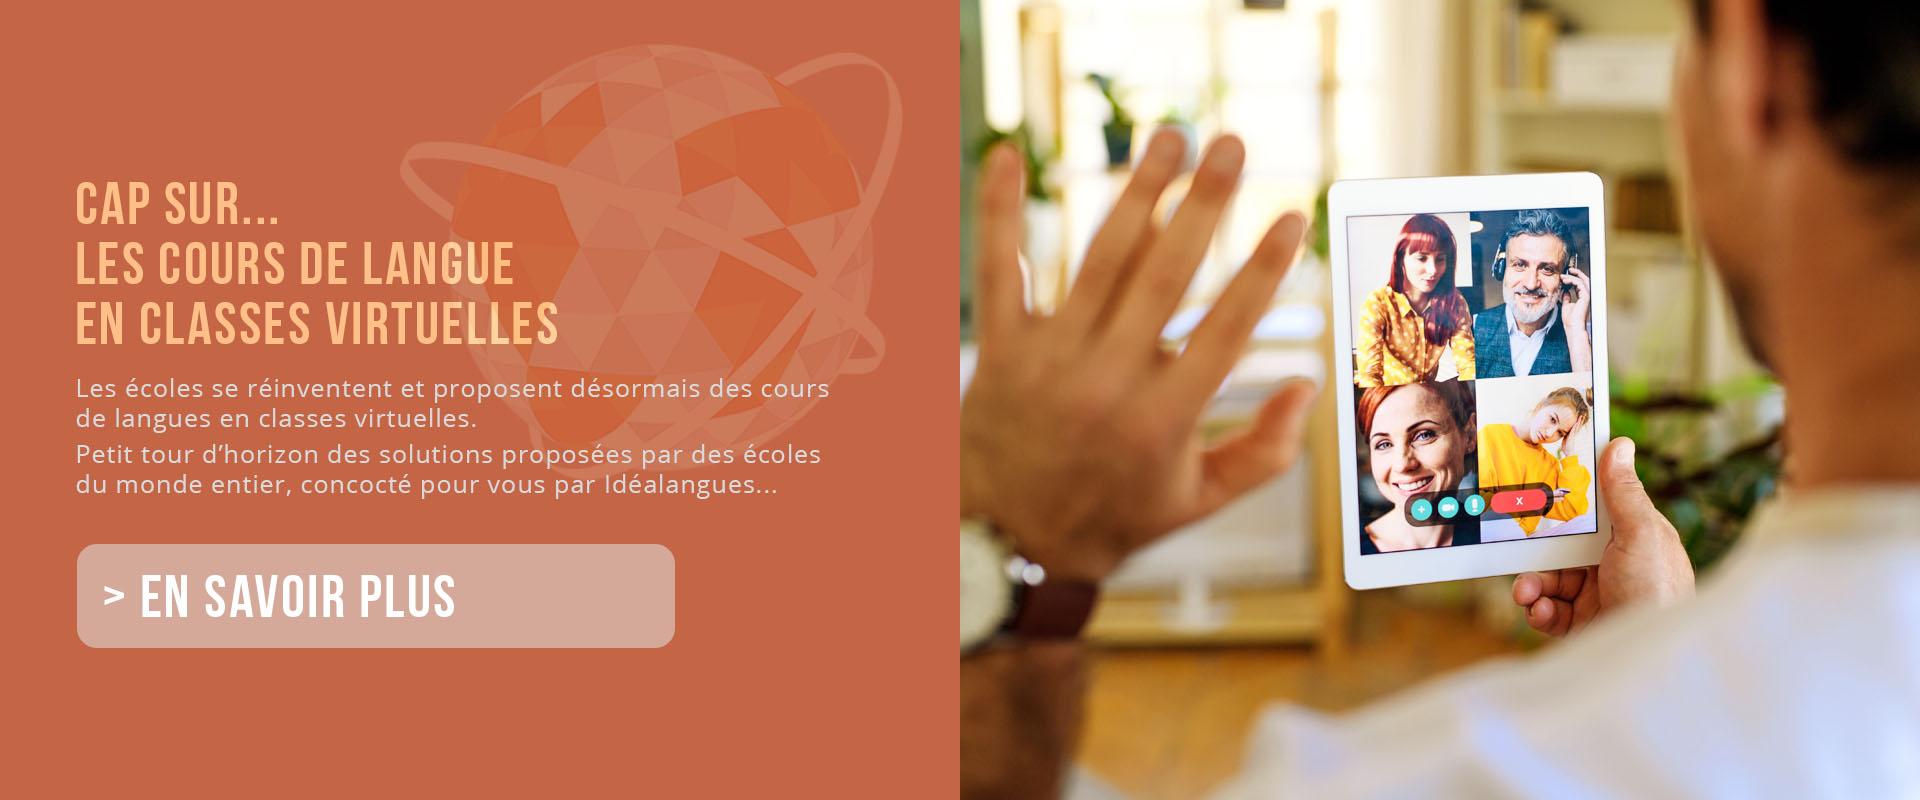 cours de langue classes virtuelles slider